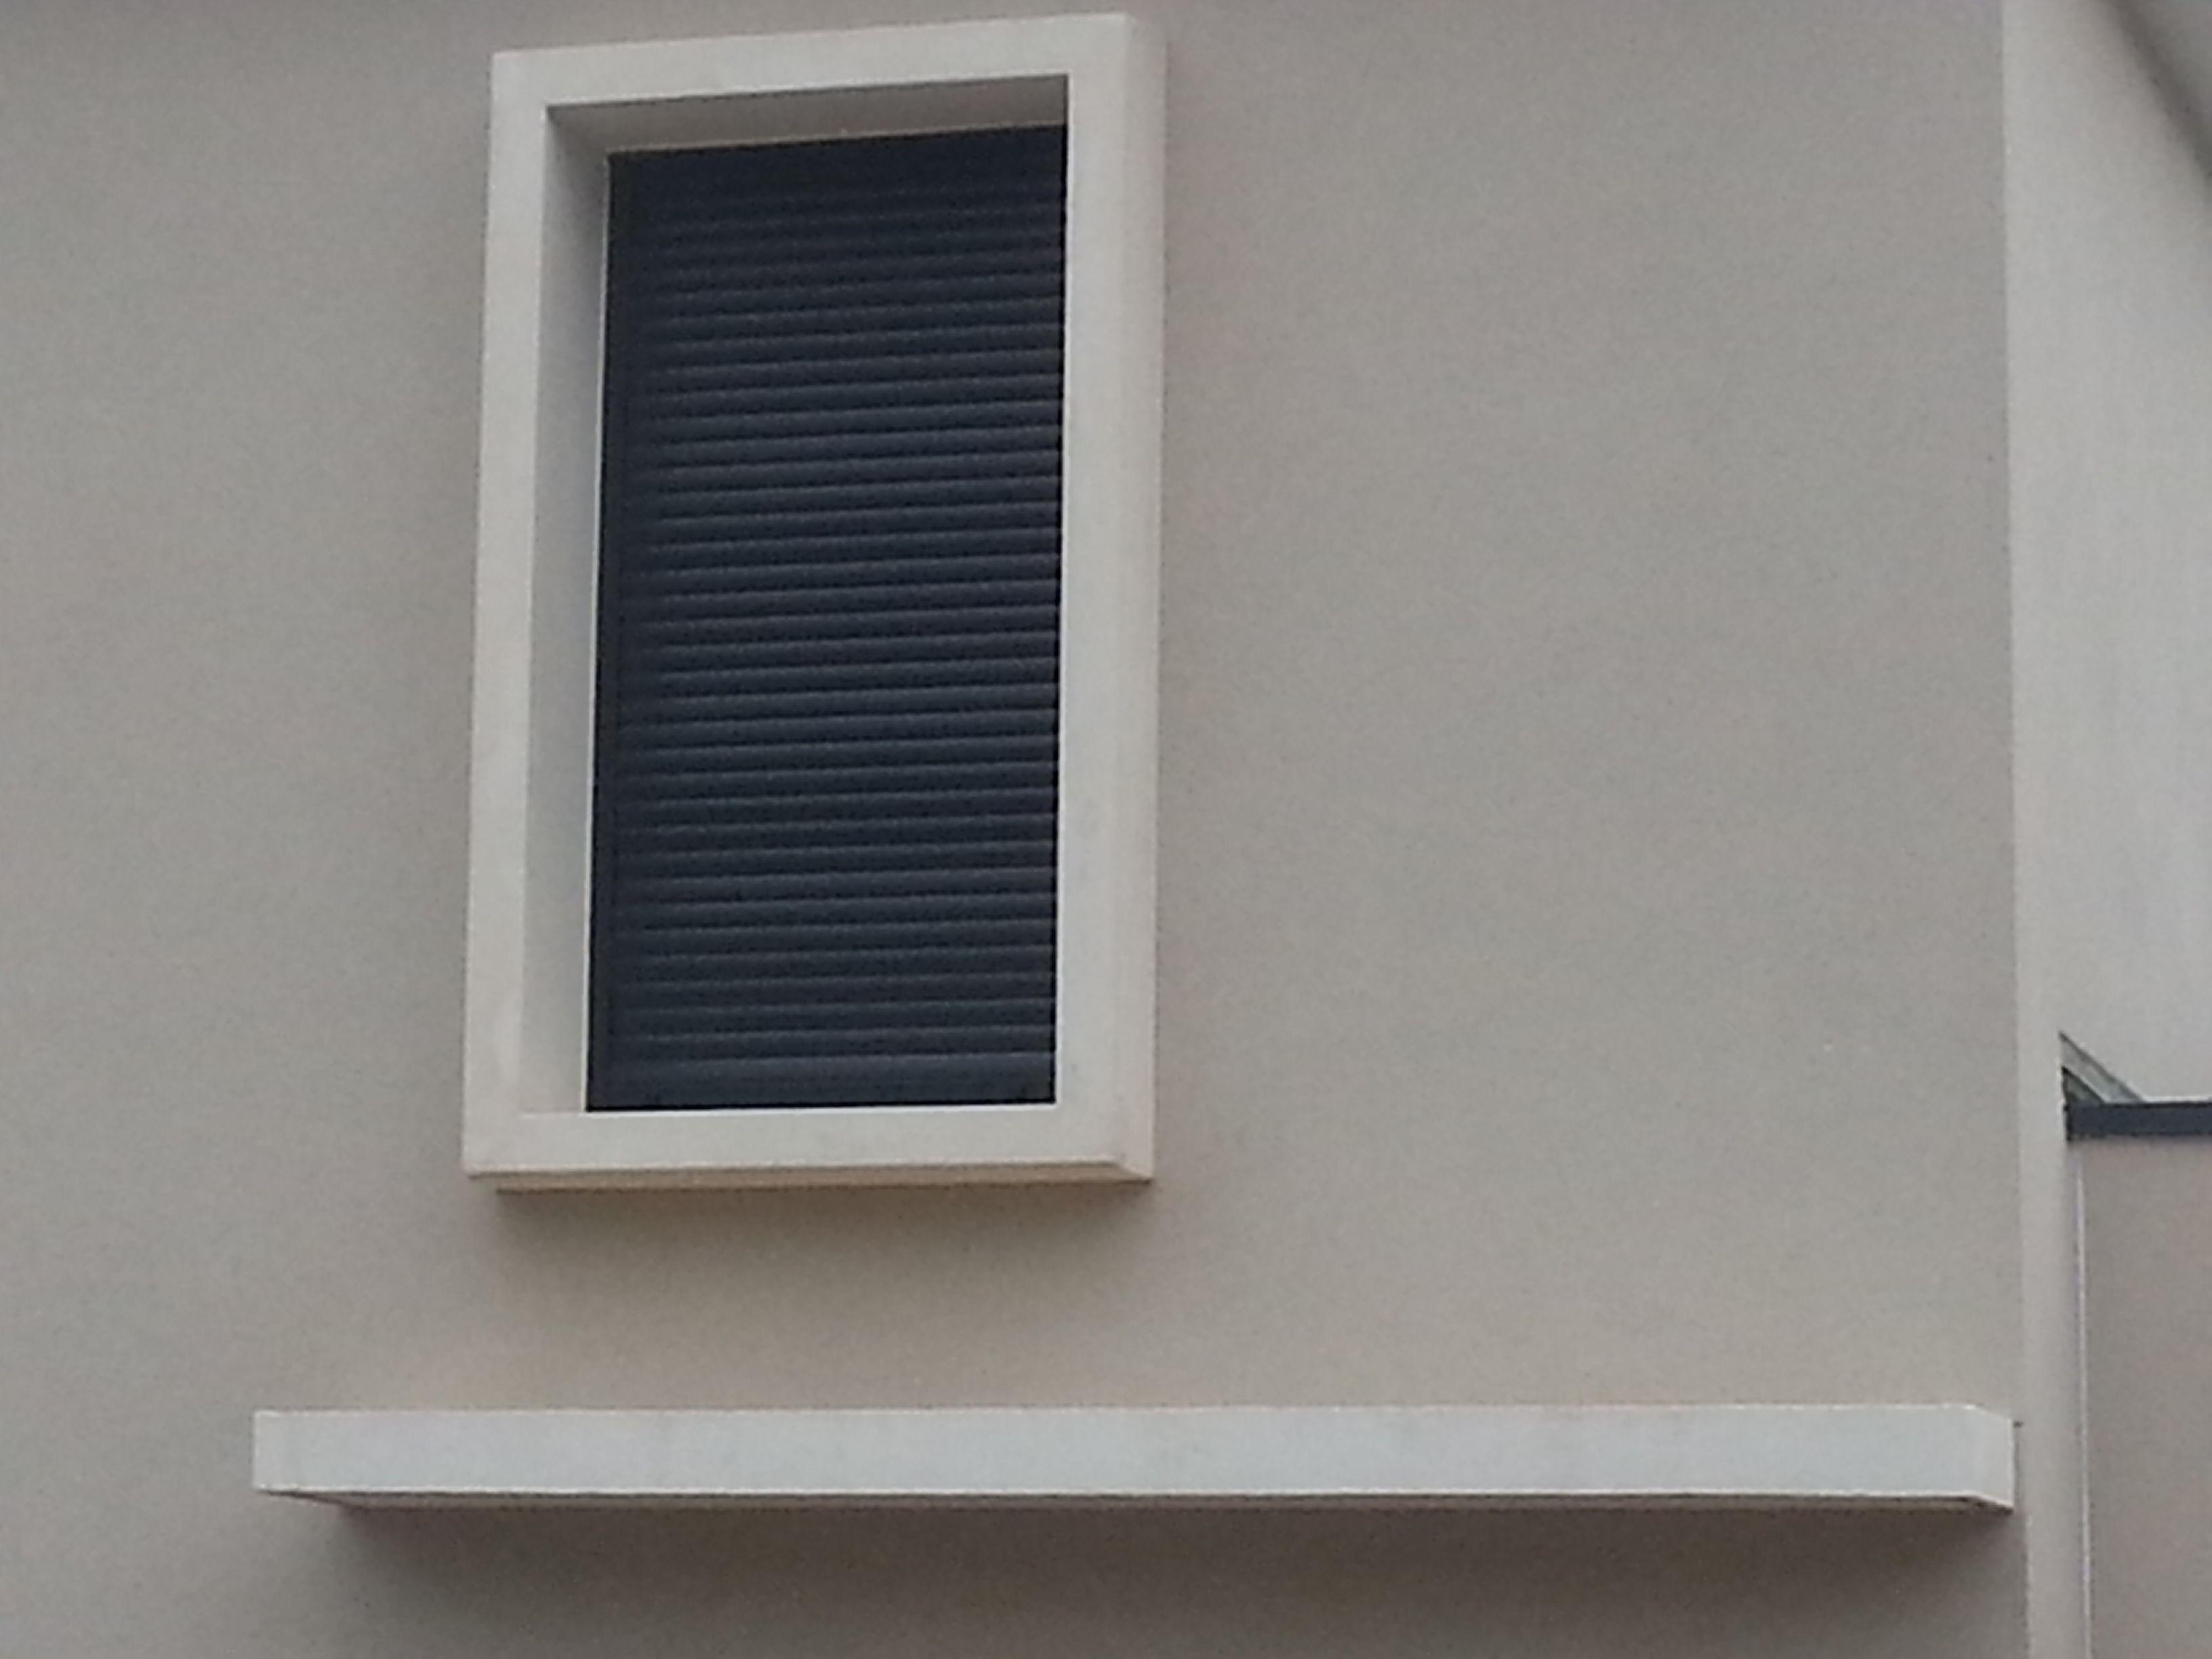 Cadre Evasion Sur Maison Individuelle De Chez Compobaie Solutions Encadrement De Fenetre Modele Facade De Maison Peinture Maison Exterieur